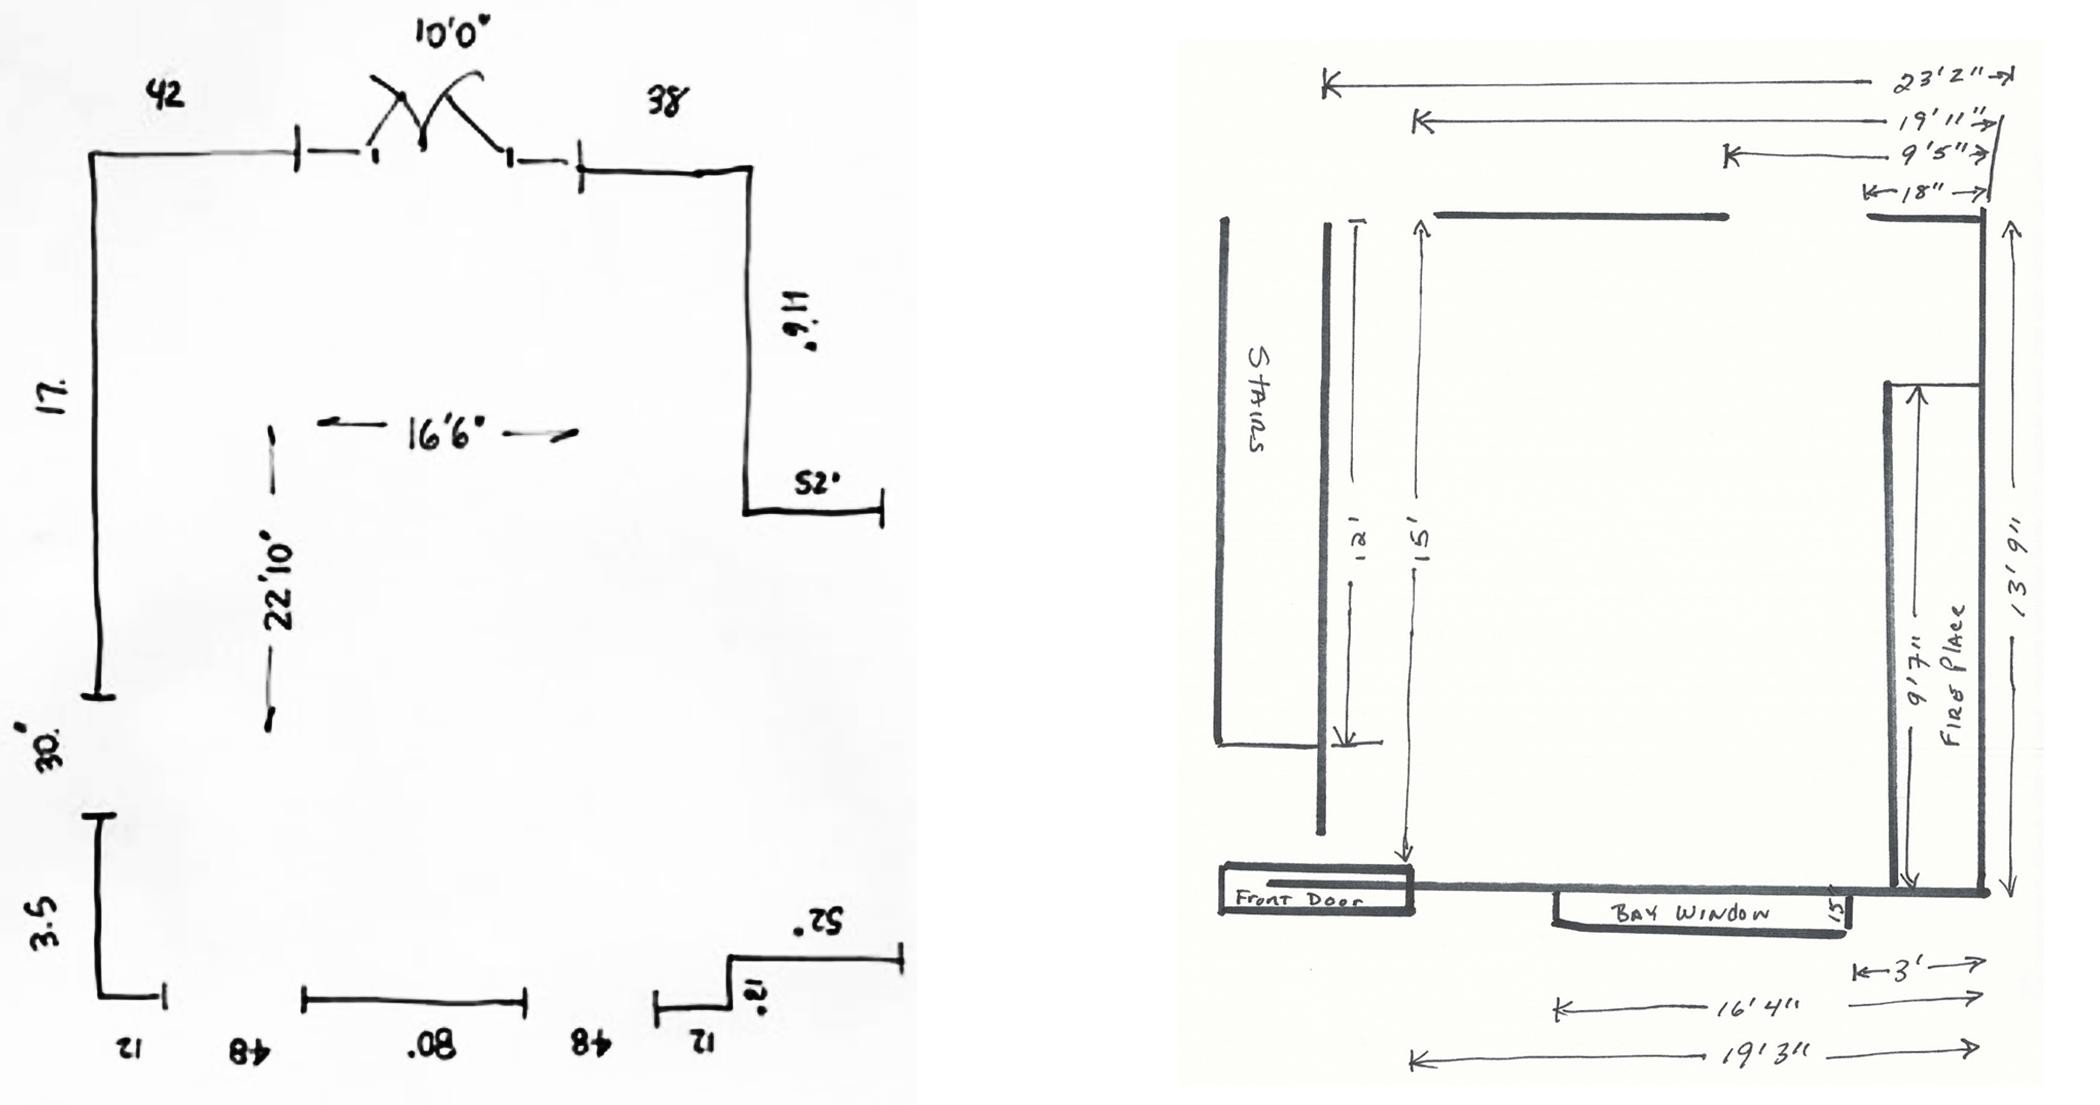 client-floorplans.png